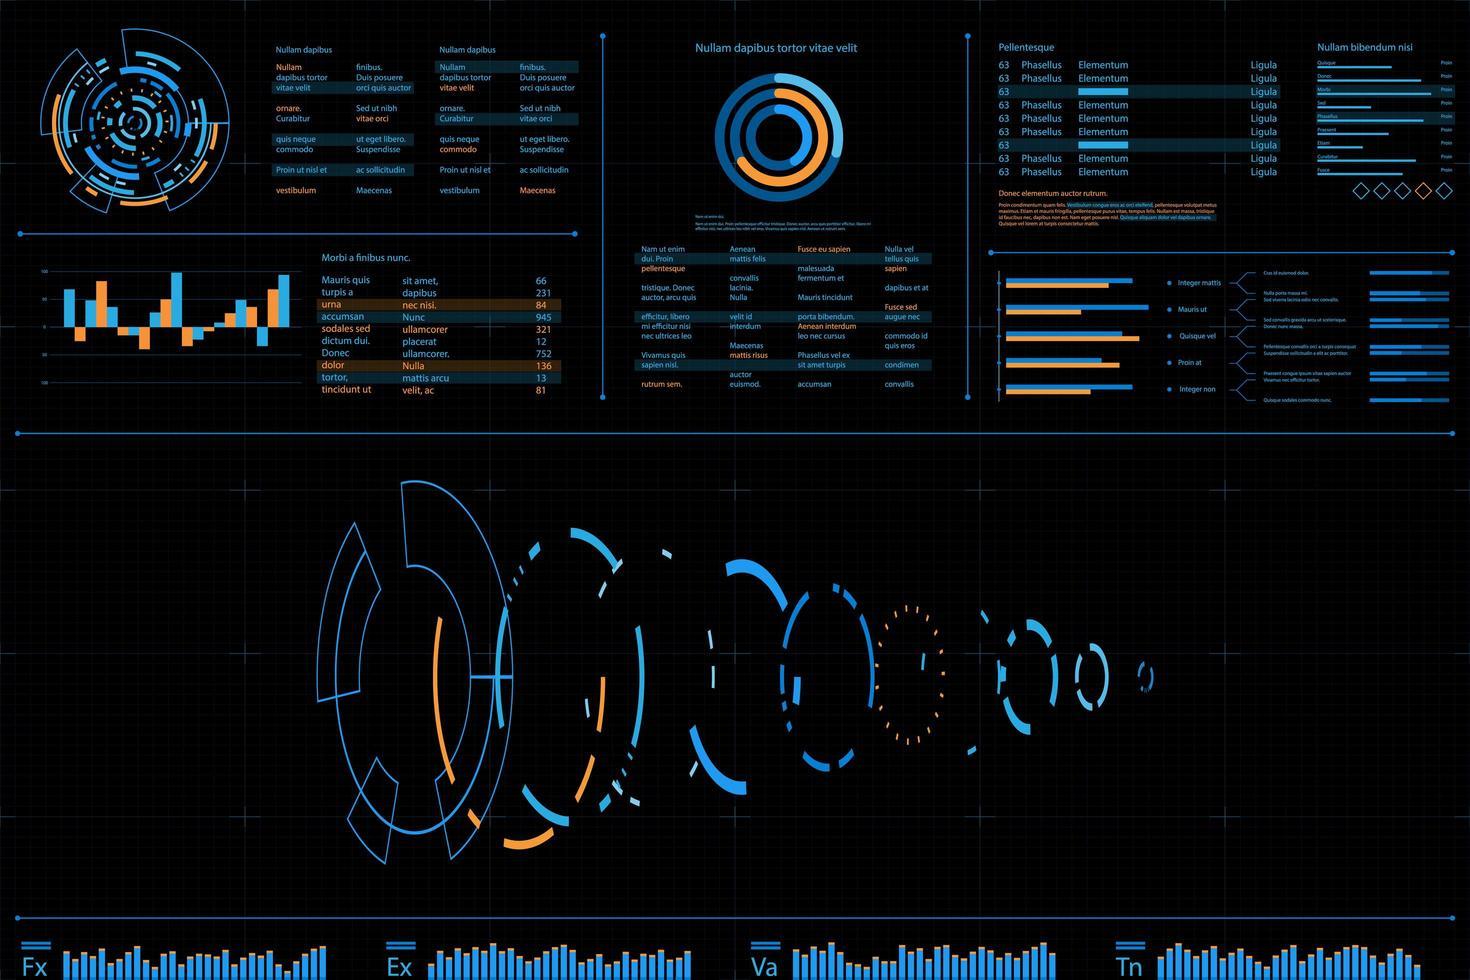 Painel de dados futuristas com Spiral Design vetor